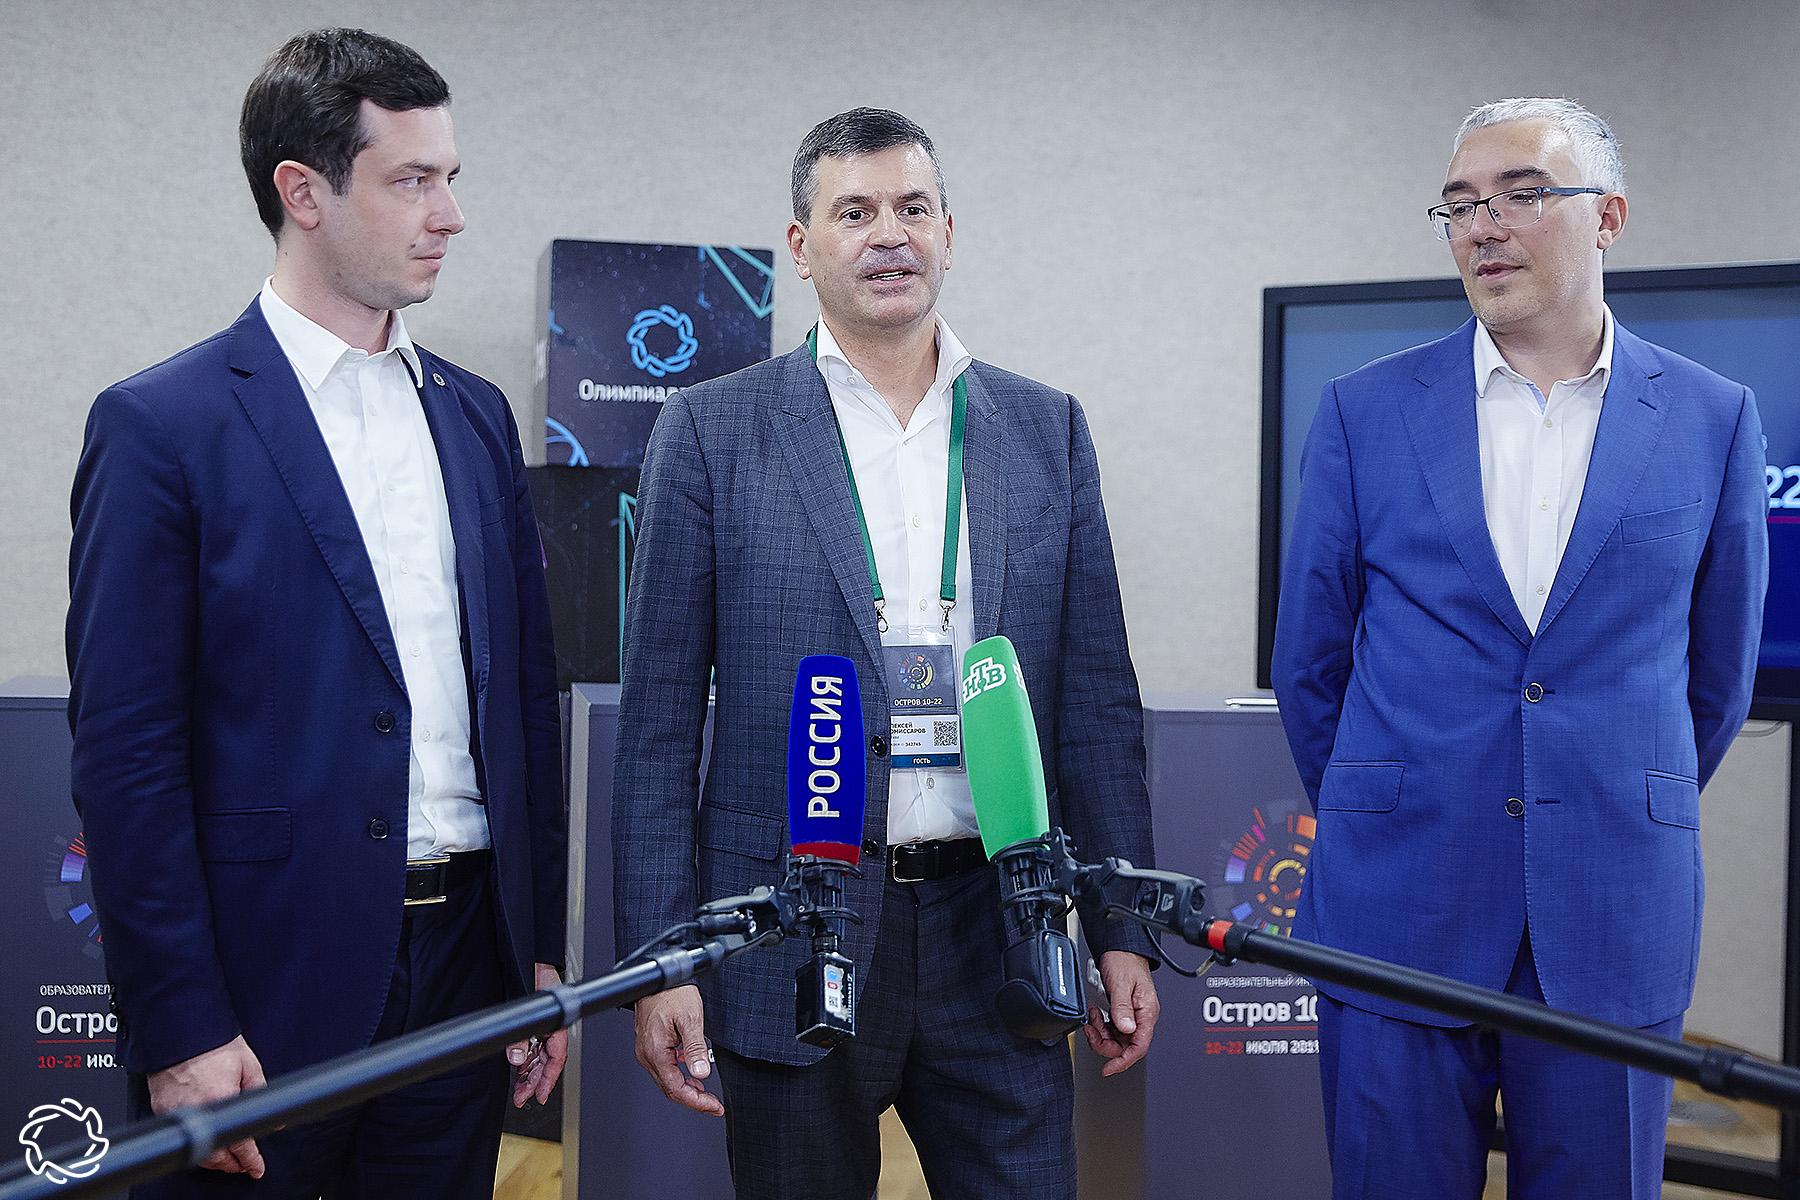 К проектам платформы «Россия – страна возможностей» присоединится Олимпиада Кружкового движения НТИ